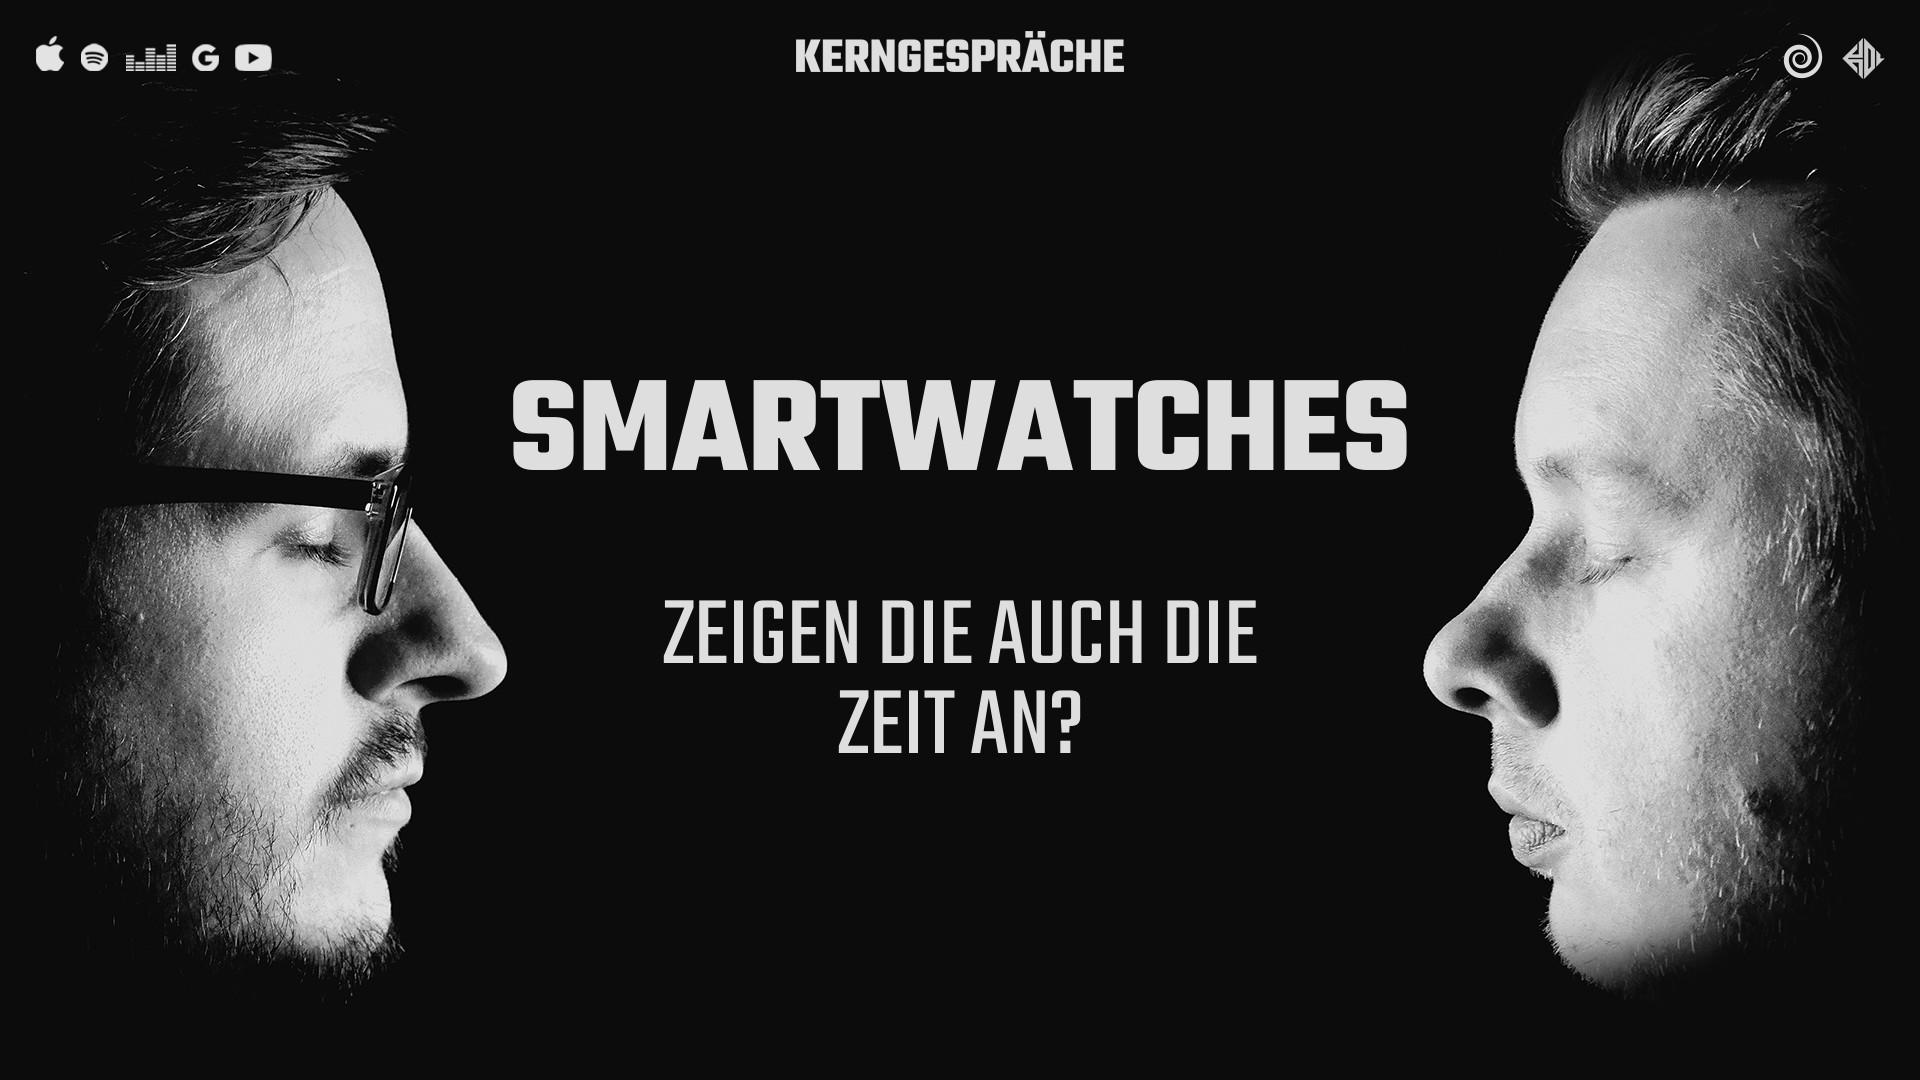 Smartwatches: Zeigen die auch die Zeit an?